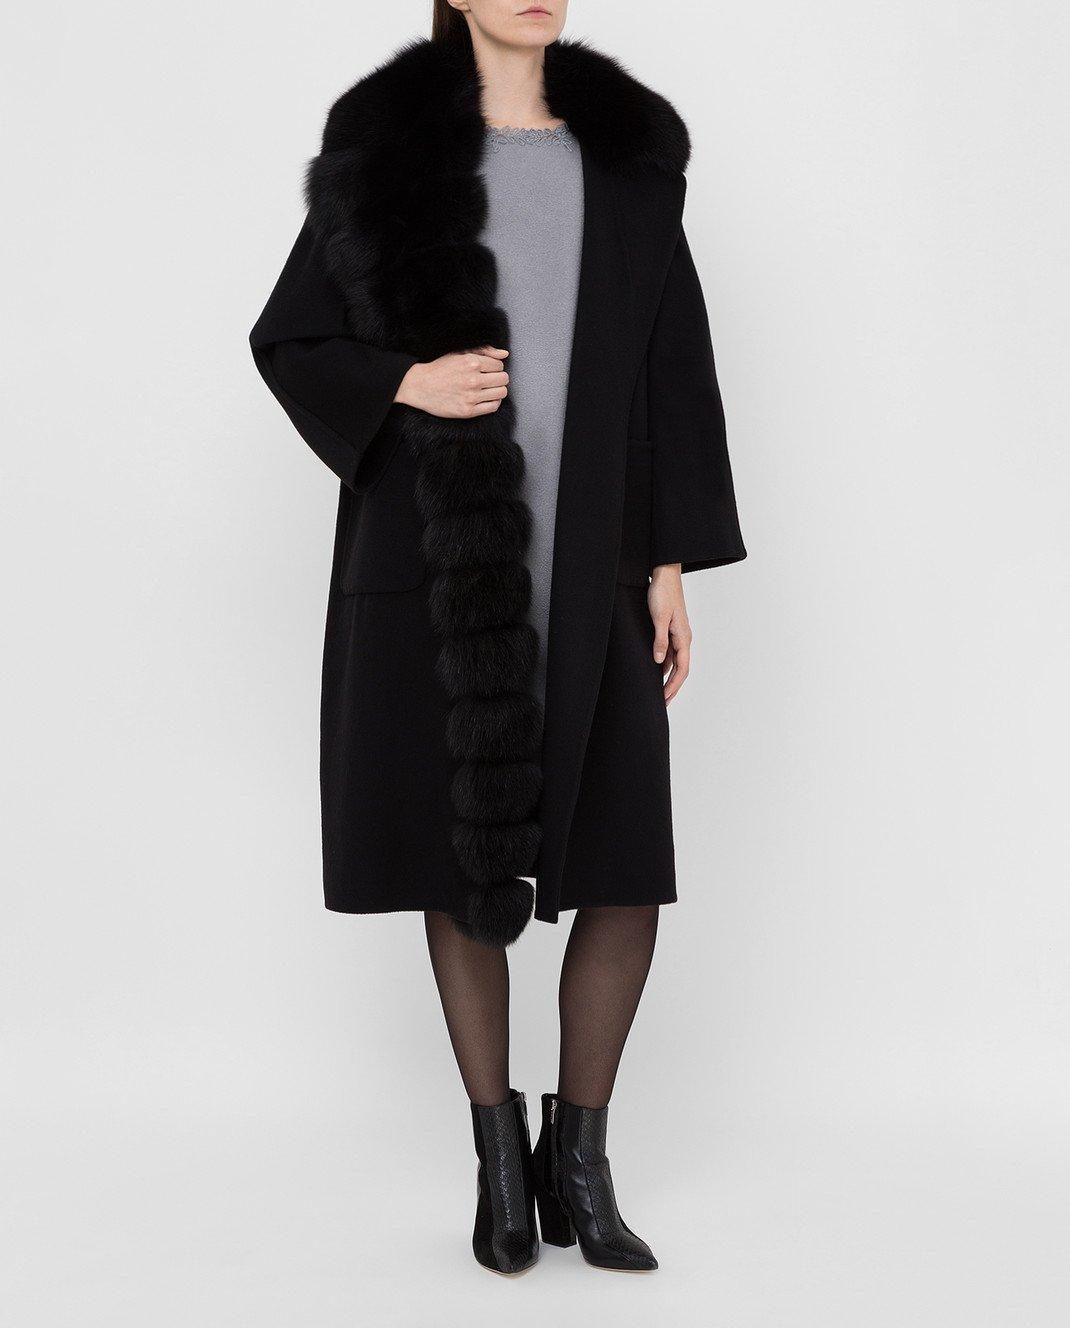 Ermanno Scervino Черное пальто из шерсти с мехом лисы D356D727VODDT изображение 2